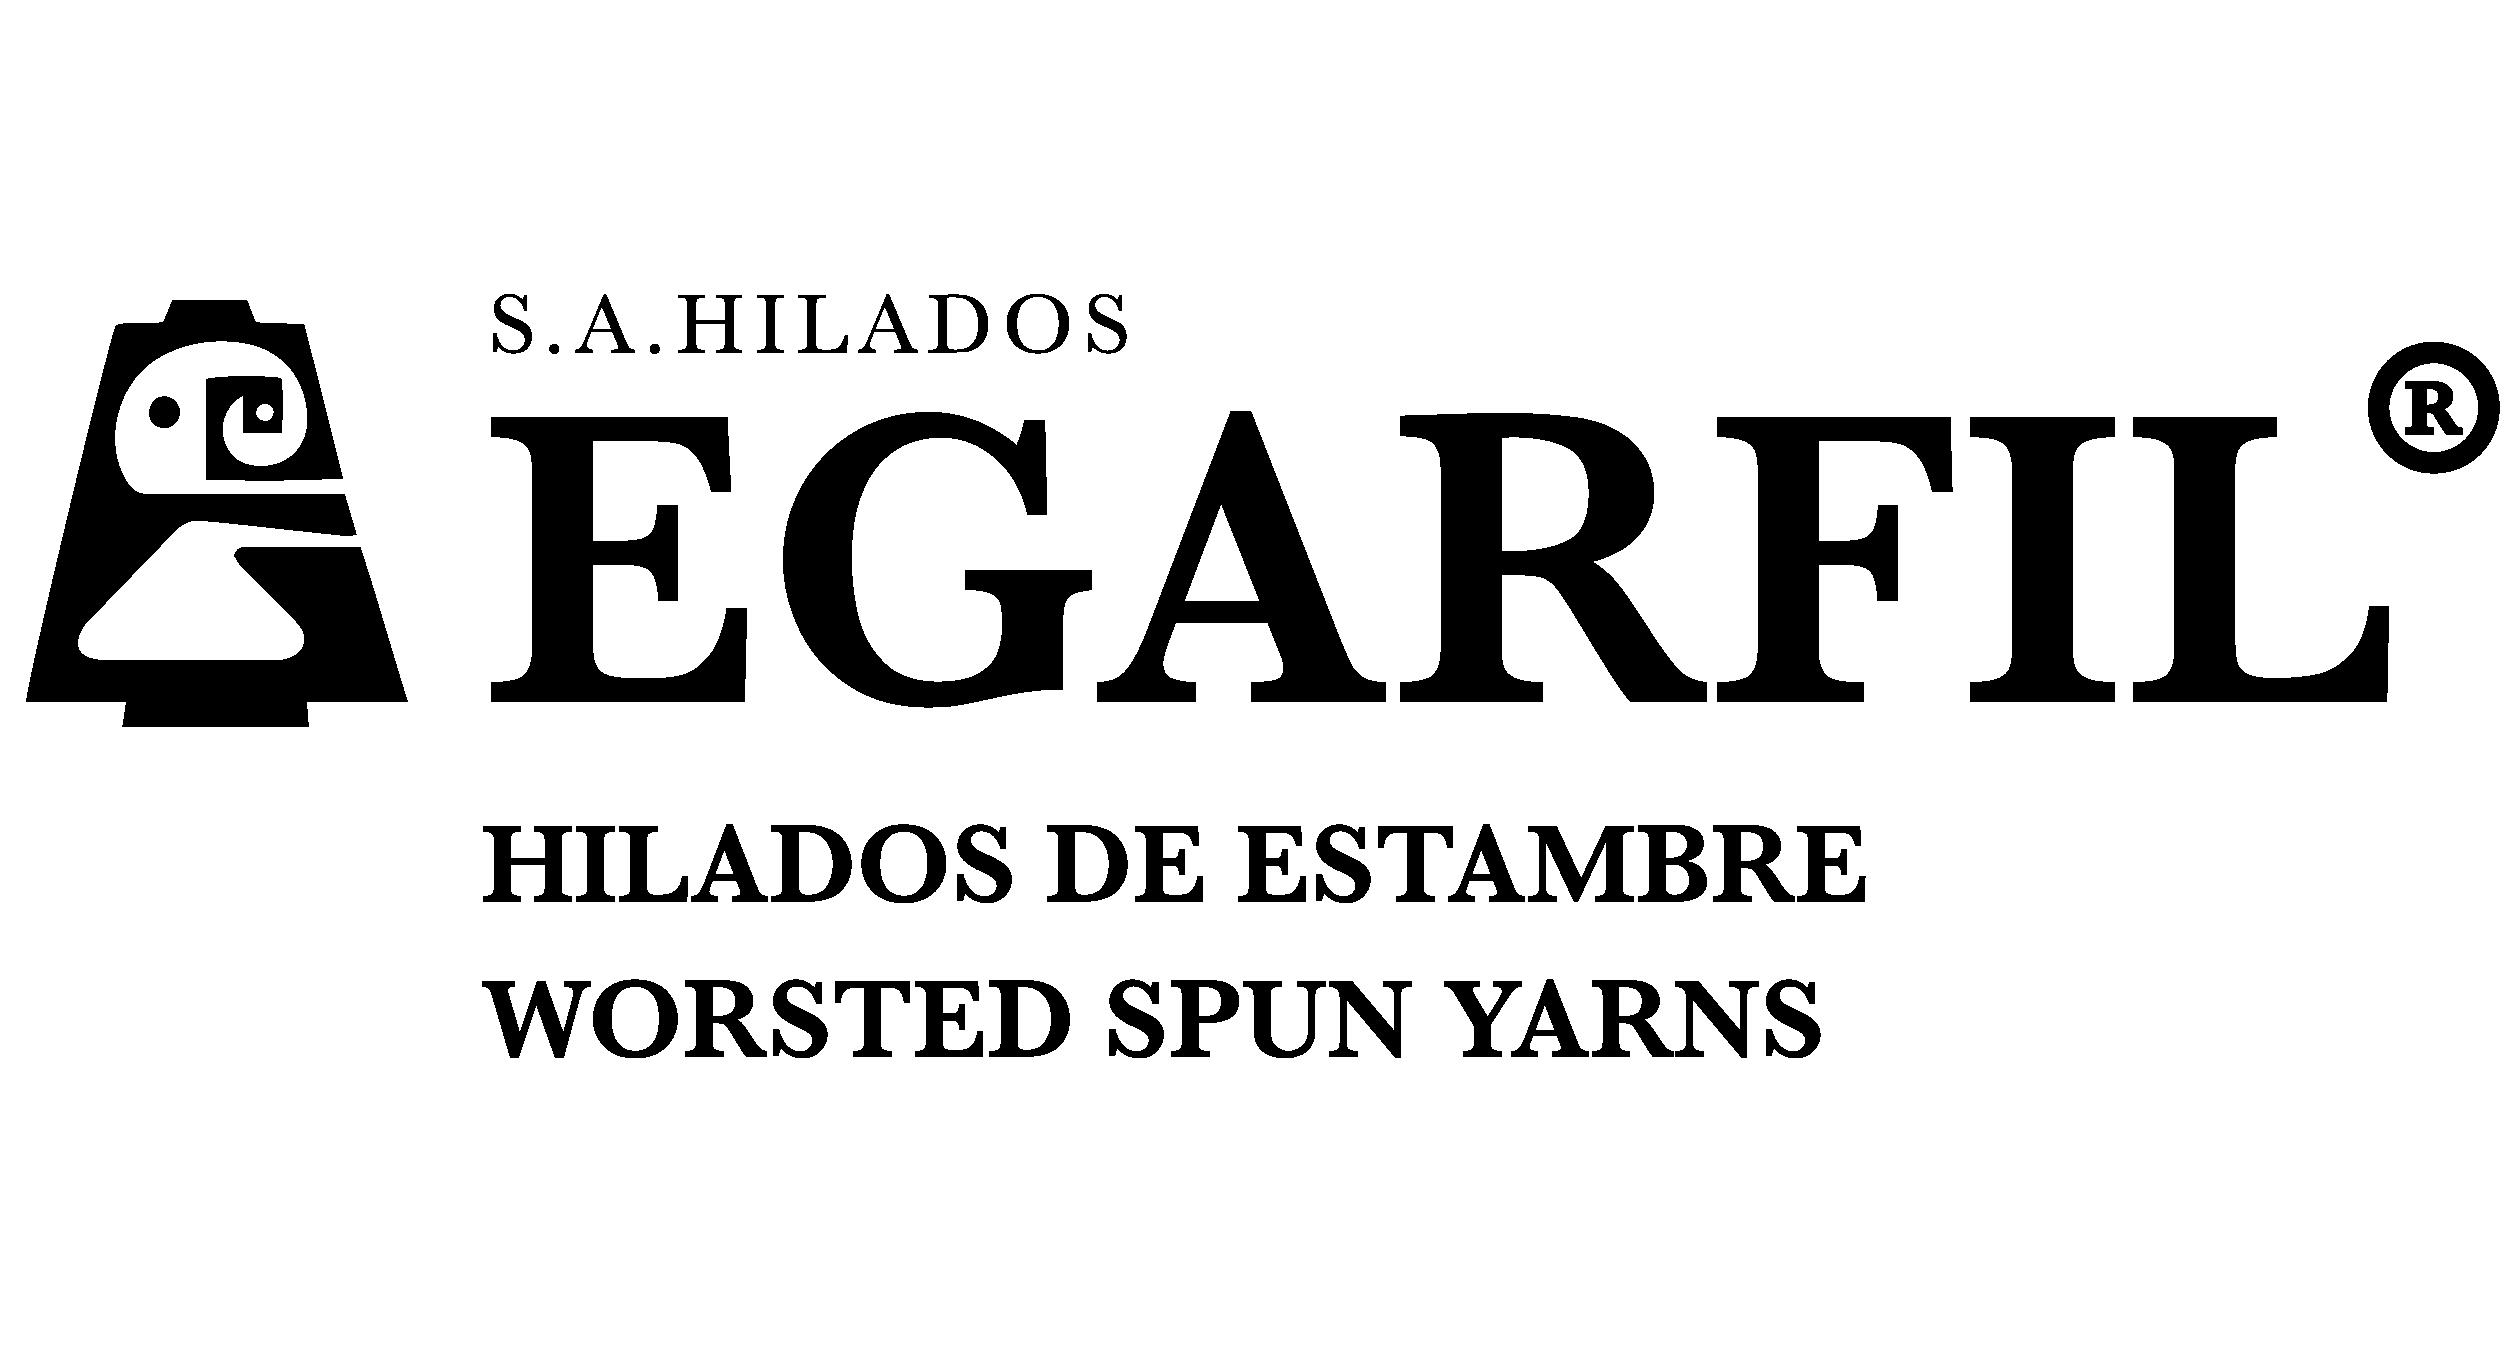 Egarfil